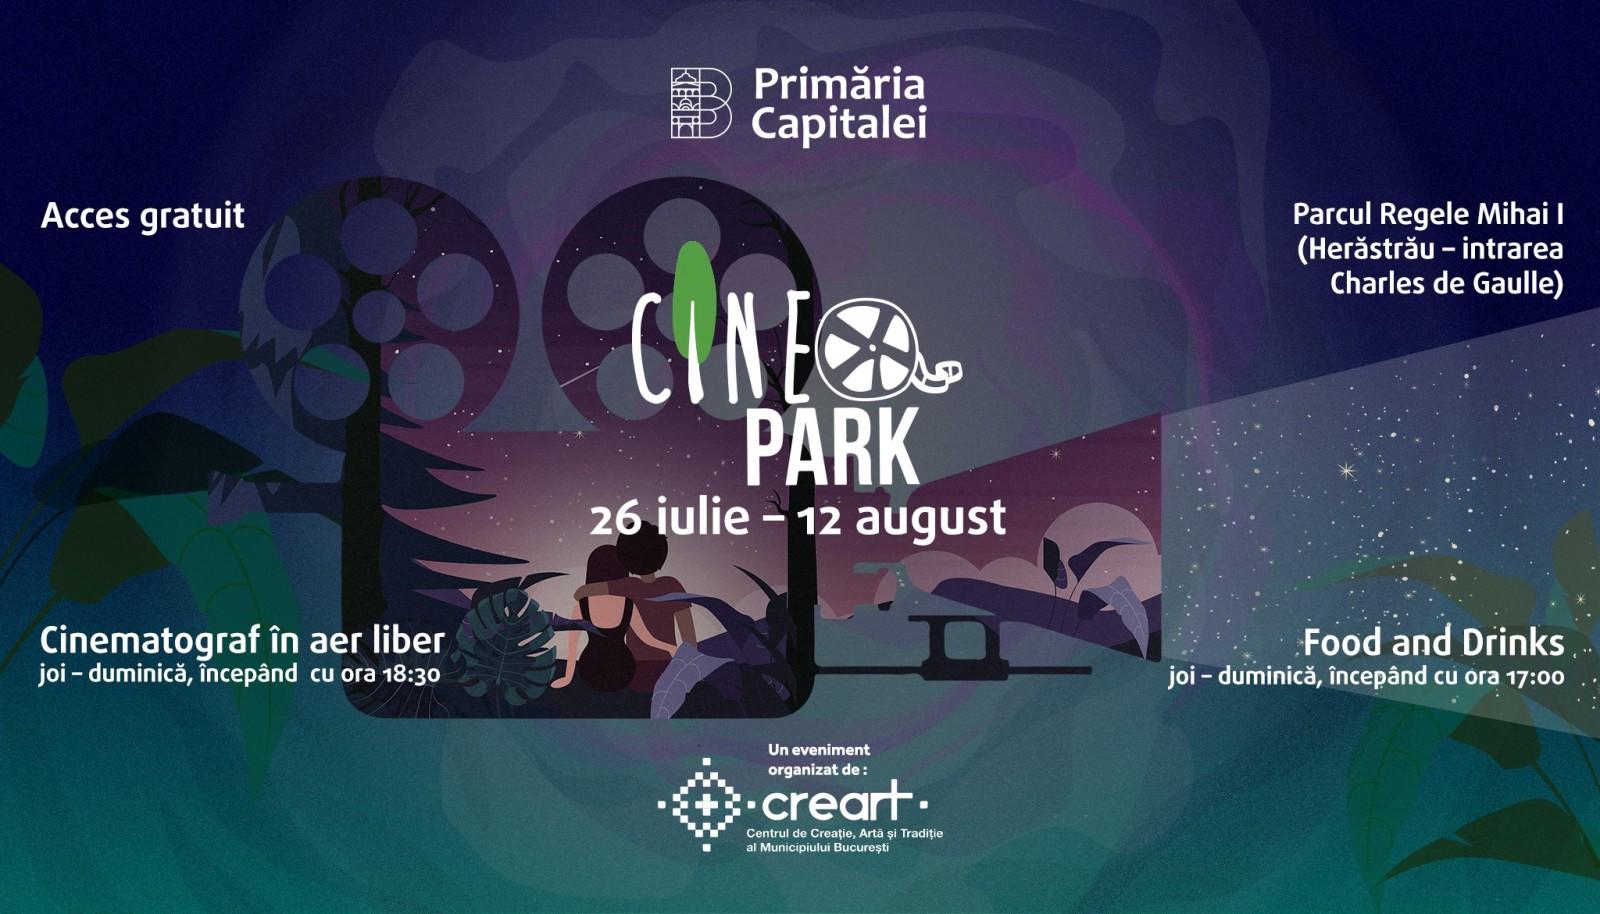 Vara, filmele se vad mai bine in aer liber, la CineParK.